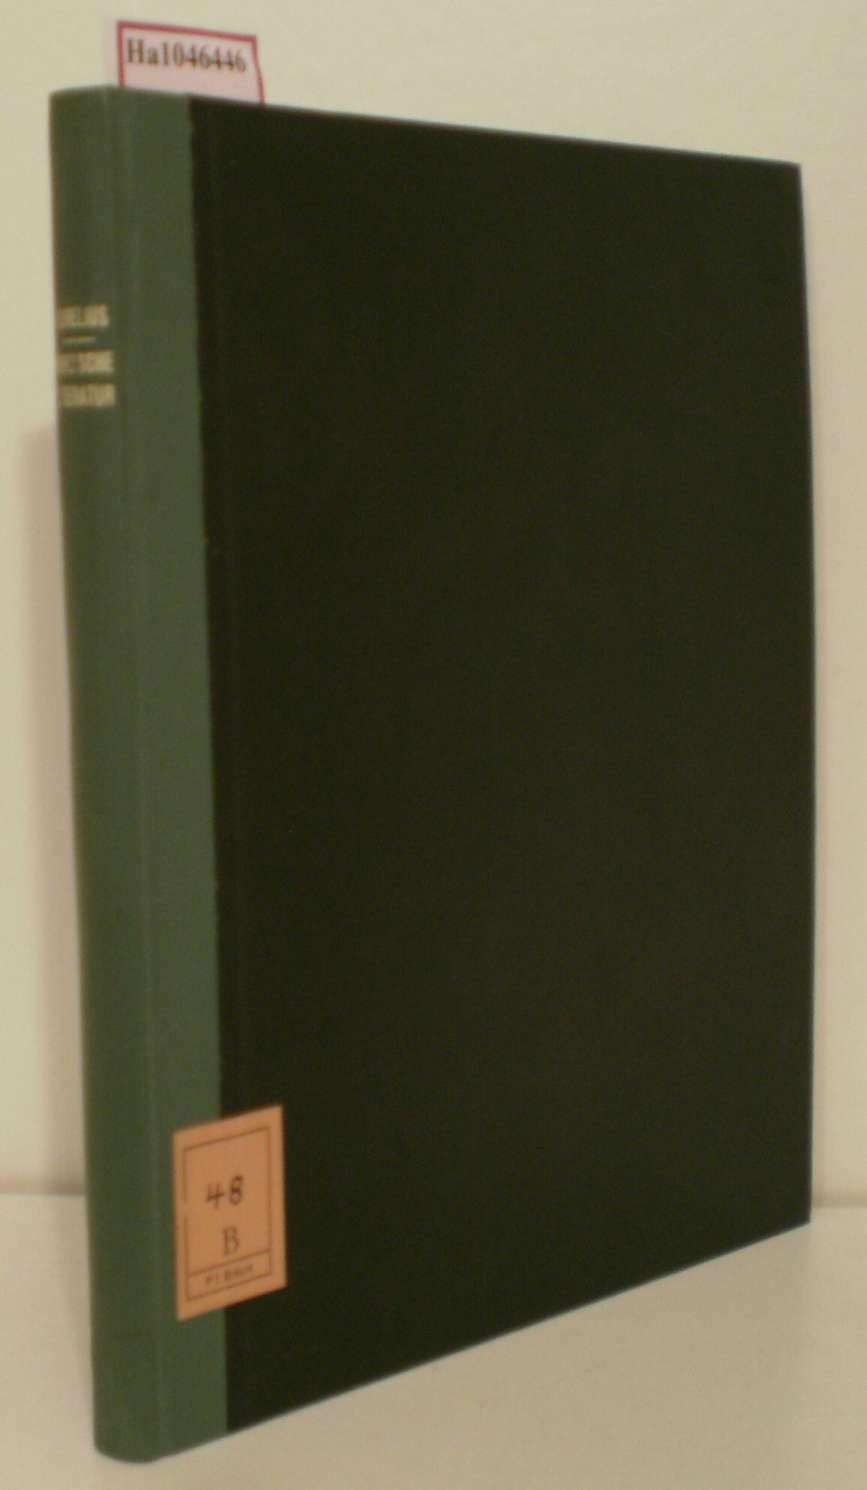 Borelius,  Hilma: Die nordischen Literaturen. (Handbuch der Literaturwissenschaft).